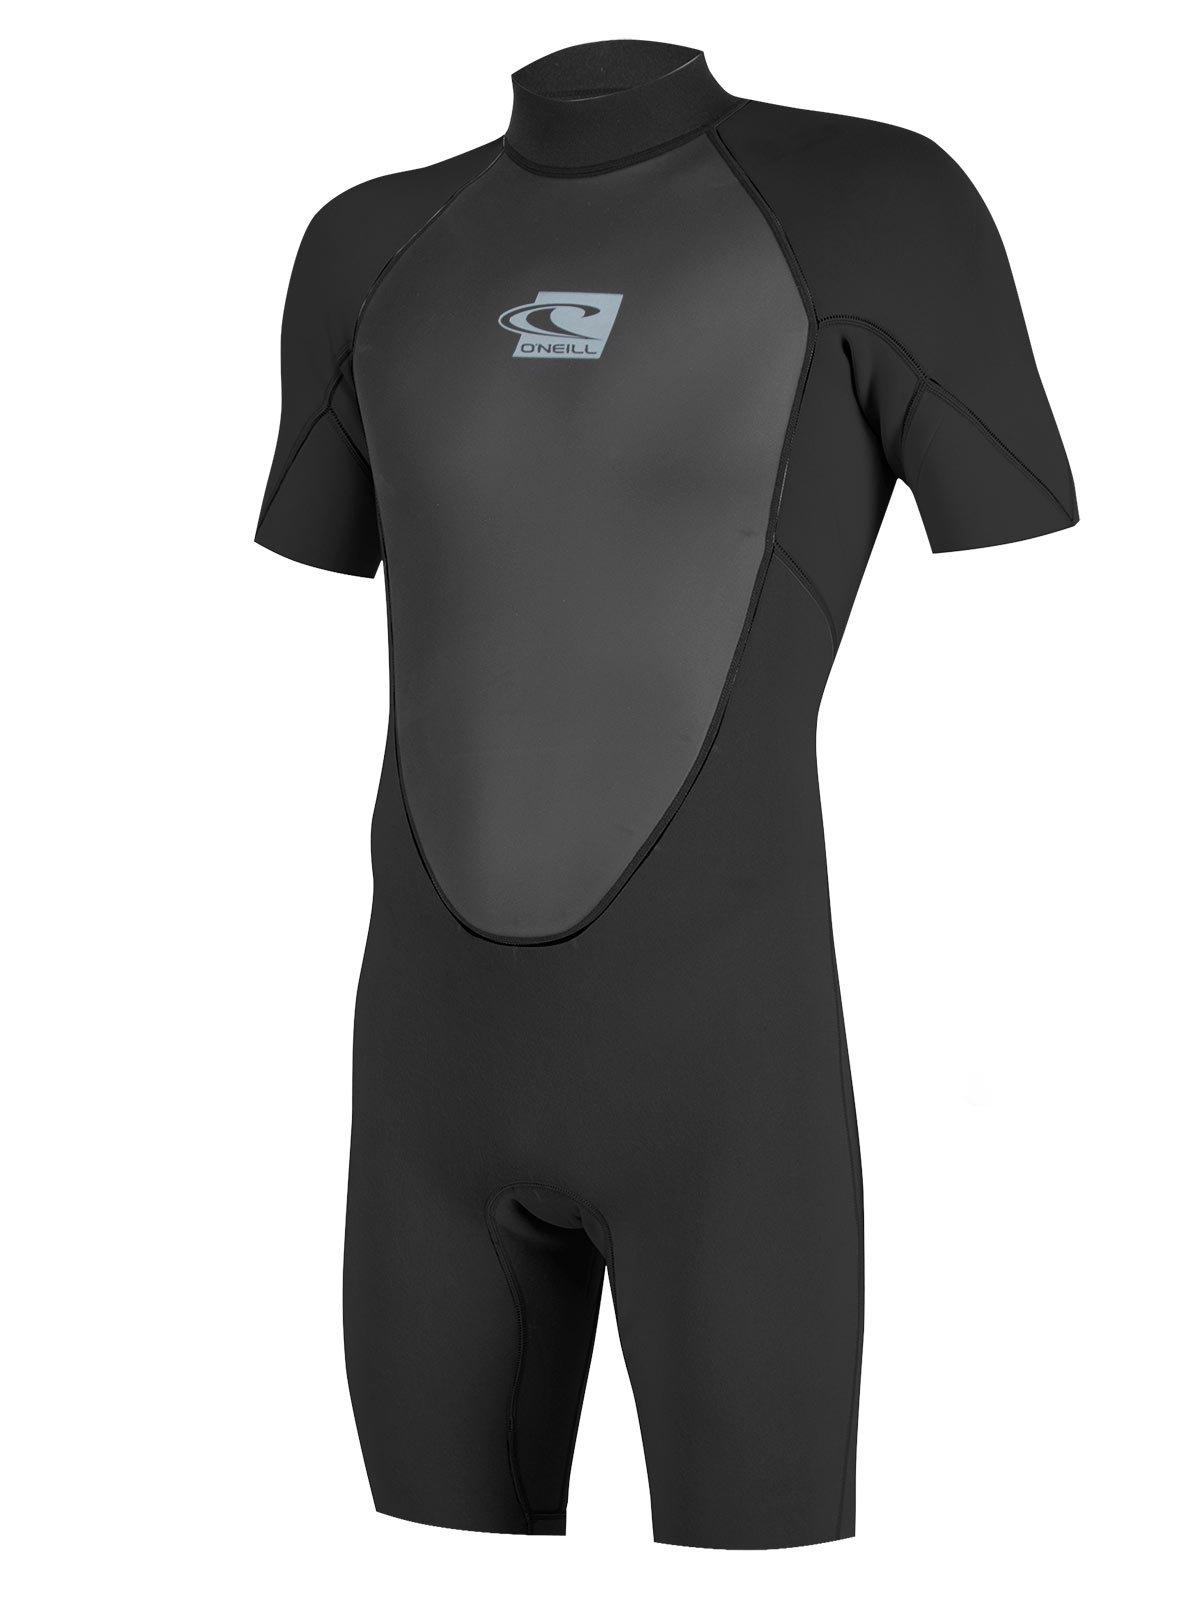 O'Neill Reactor Mens Shorty 2mm Neoprene Spring Wetsuit (All black (5124B), 4X-Large Short)